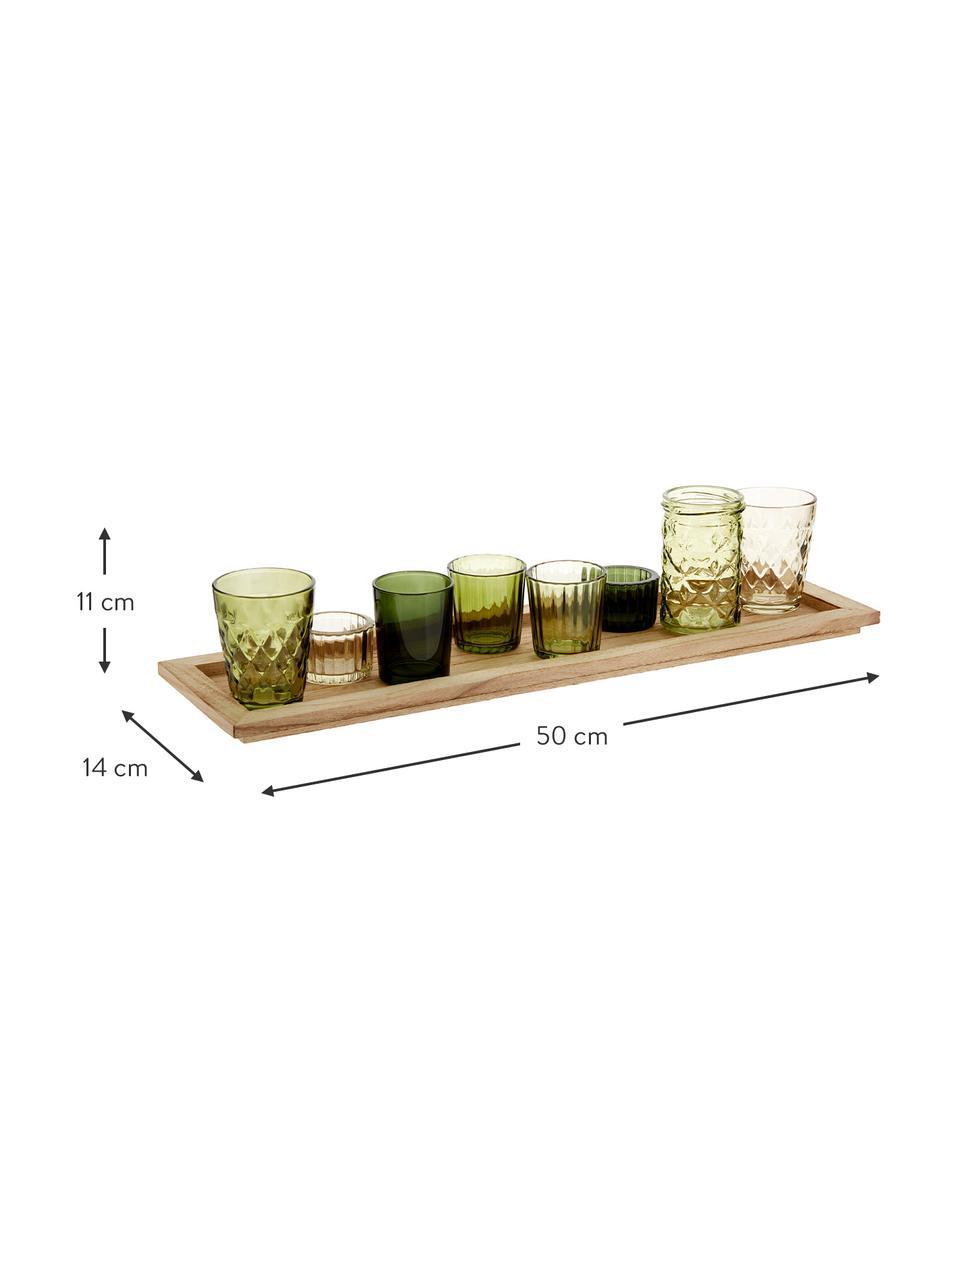 Komplet świeczników Wibke, 9 elem., Odcienie zielonego, jasny brązowy, S 50 x W 11 cm